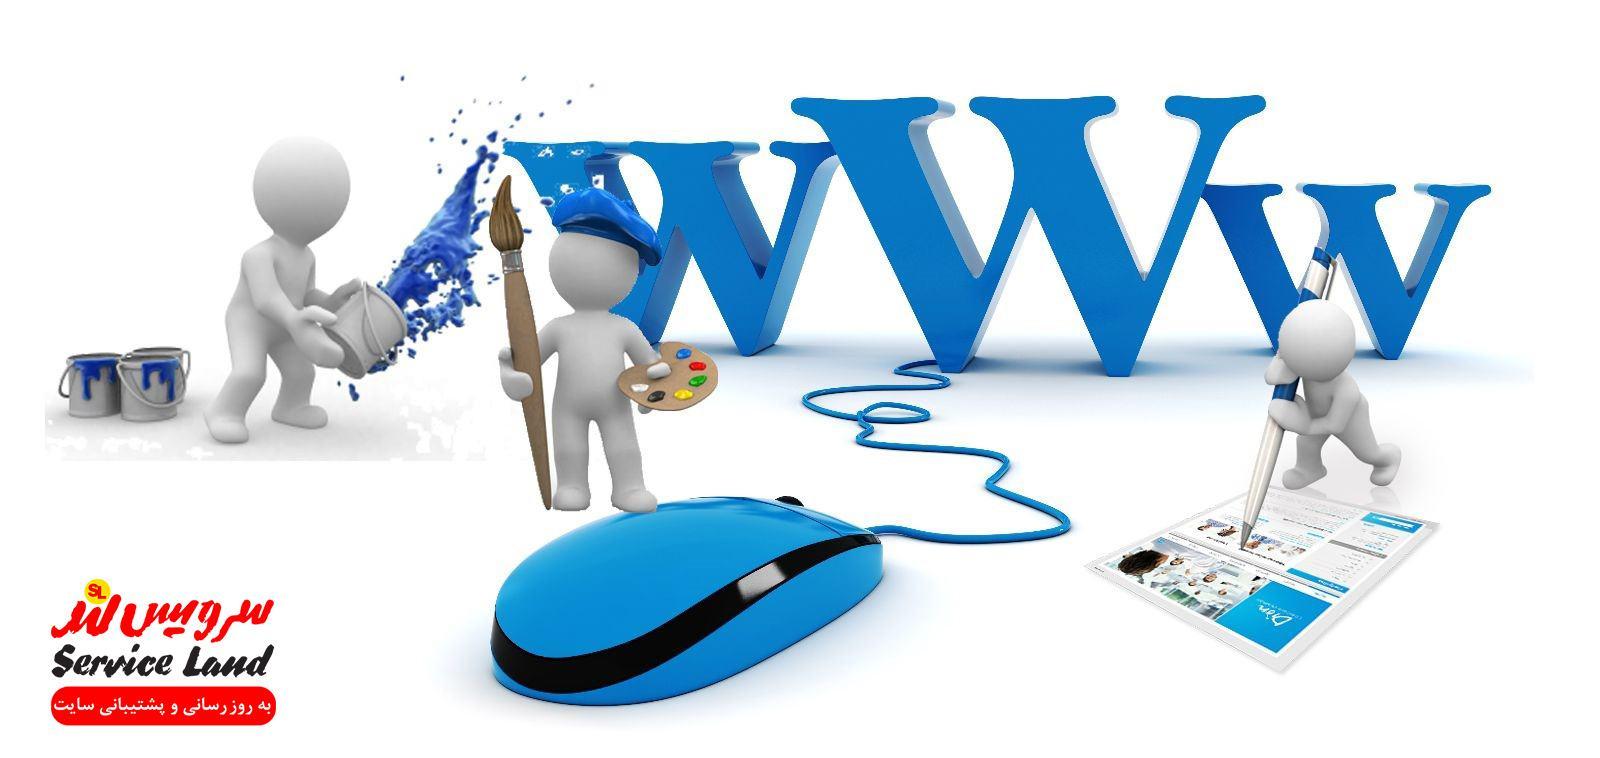 پشتیبانی محتویات سایت